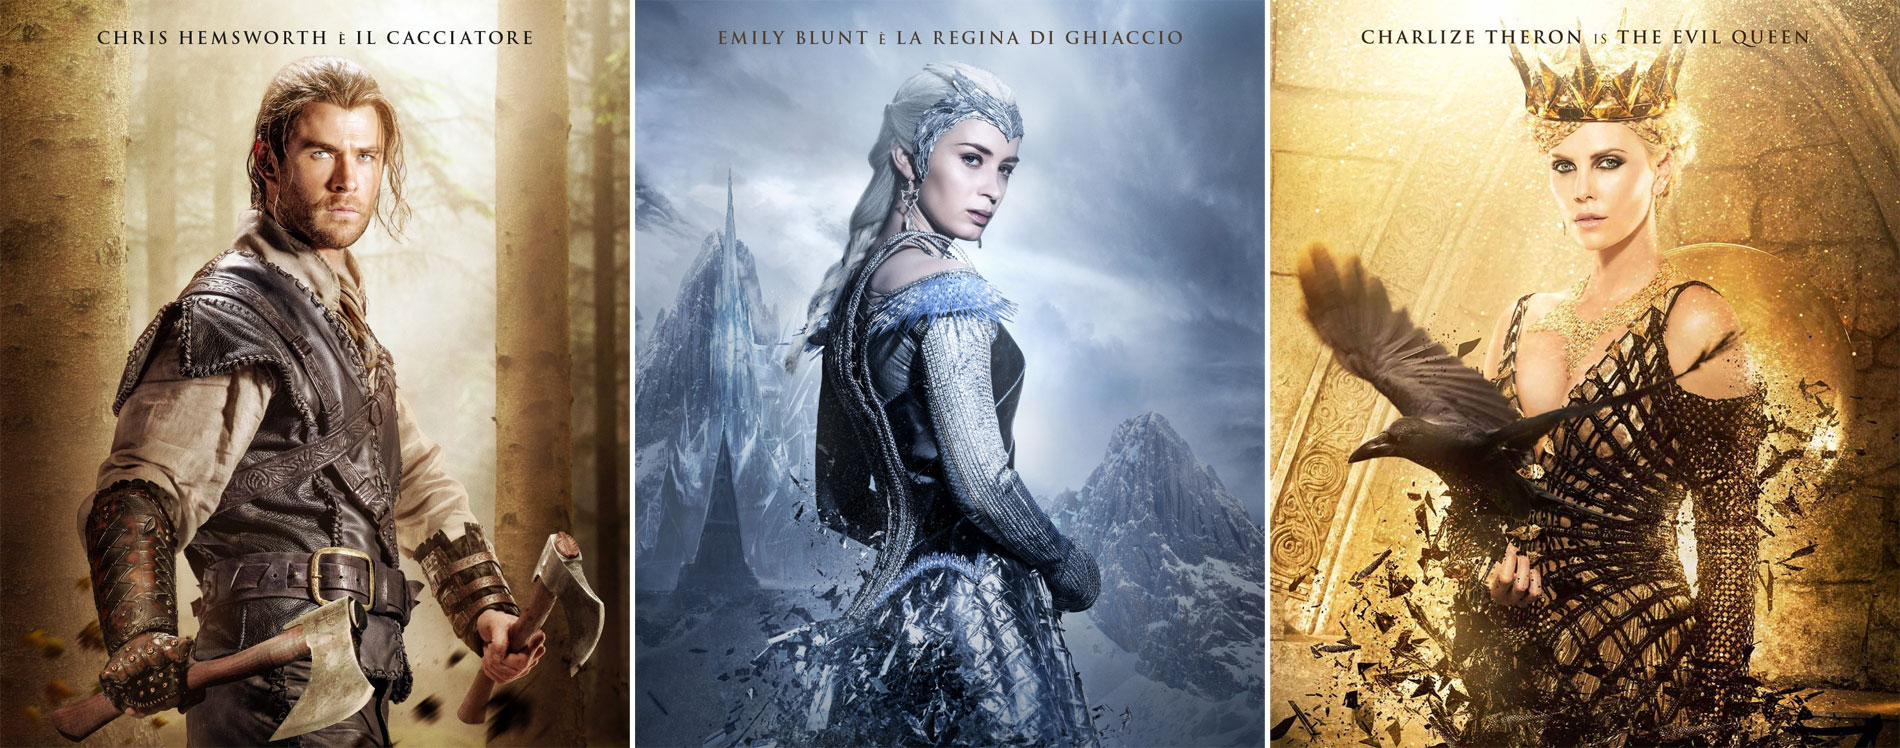 Il cacciatore e la regina di ghiaccio - poster